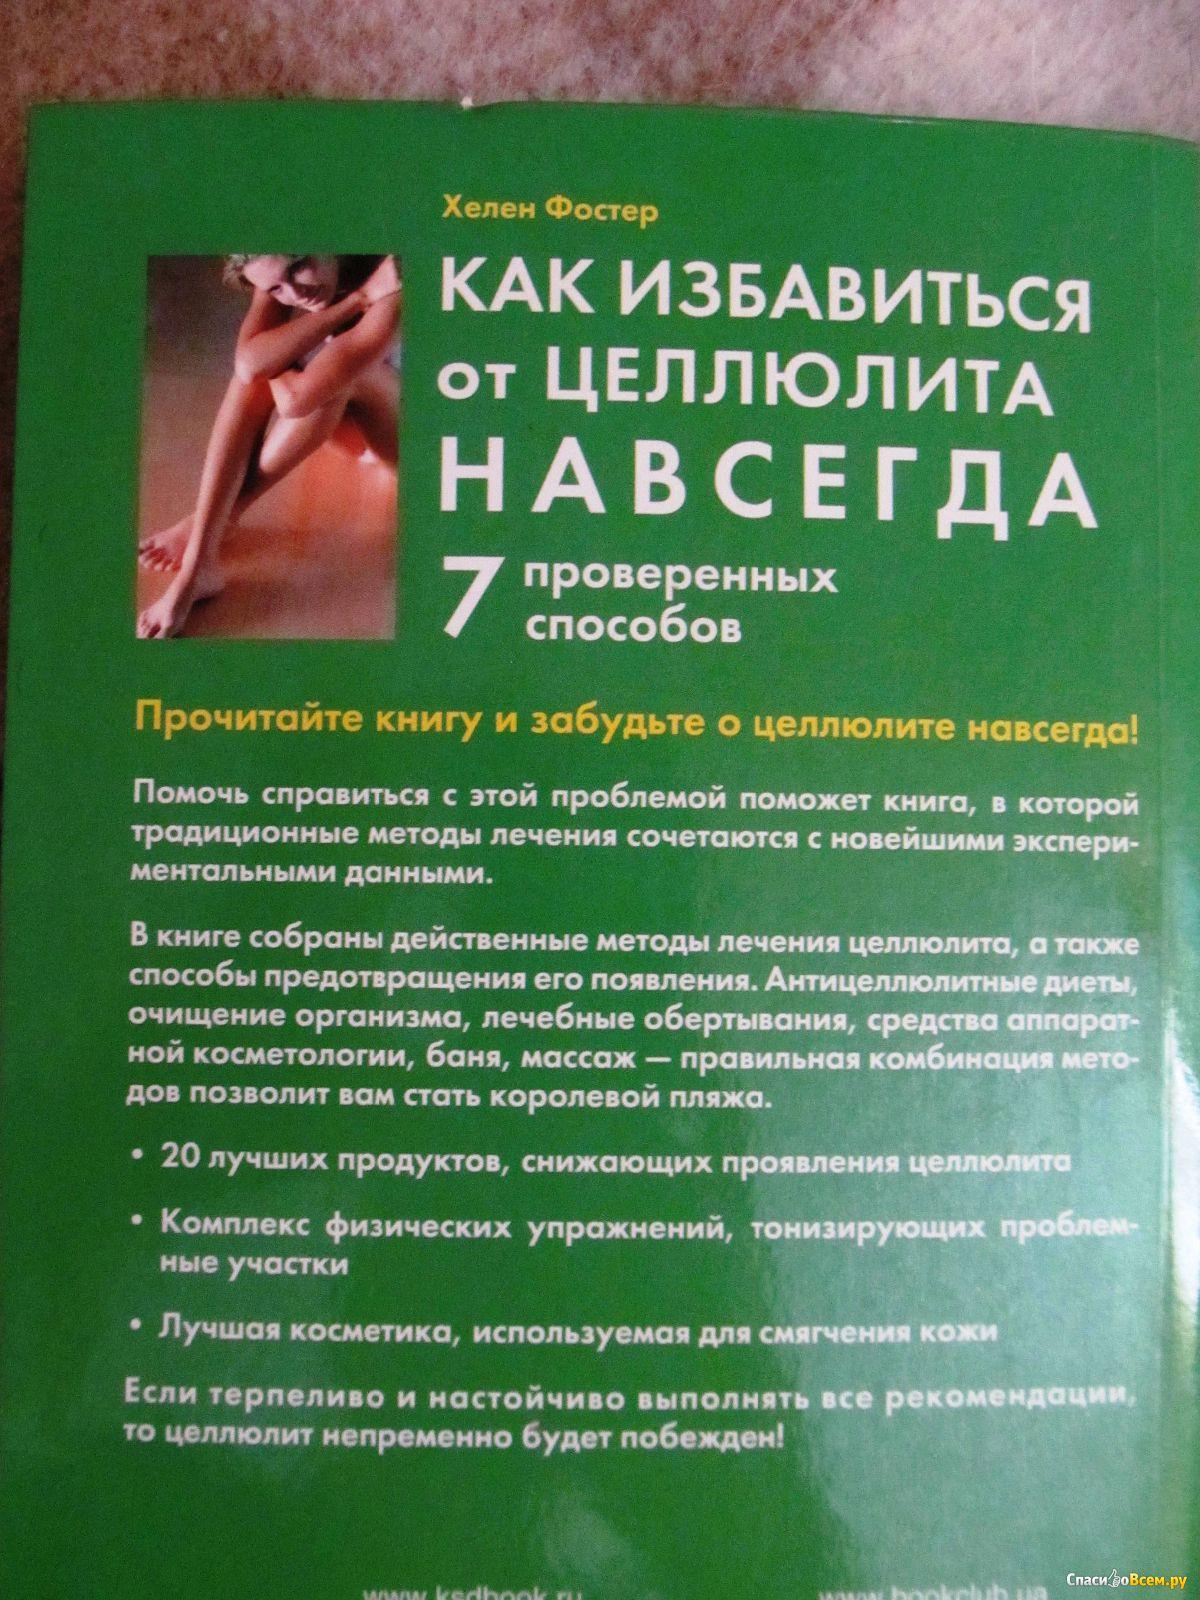 Самое эффективное при борьбе с целлюлитом